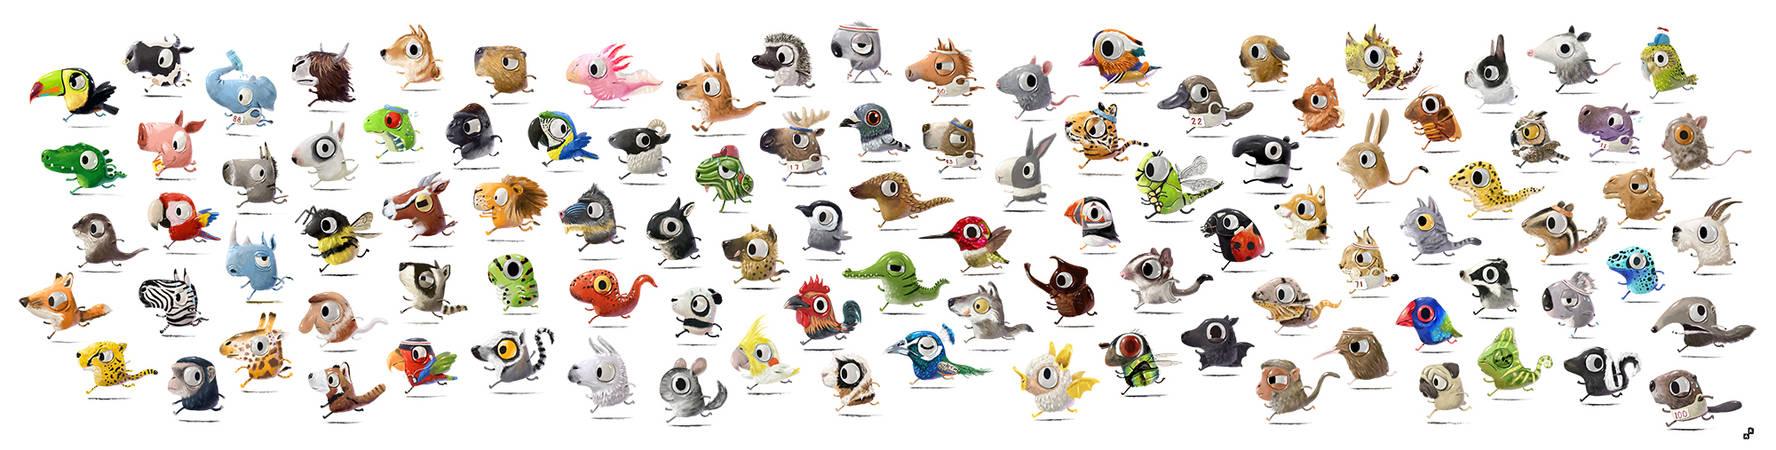 Marathon Animals